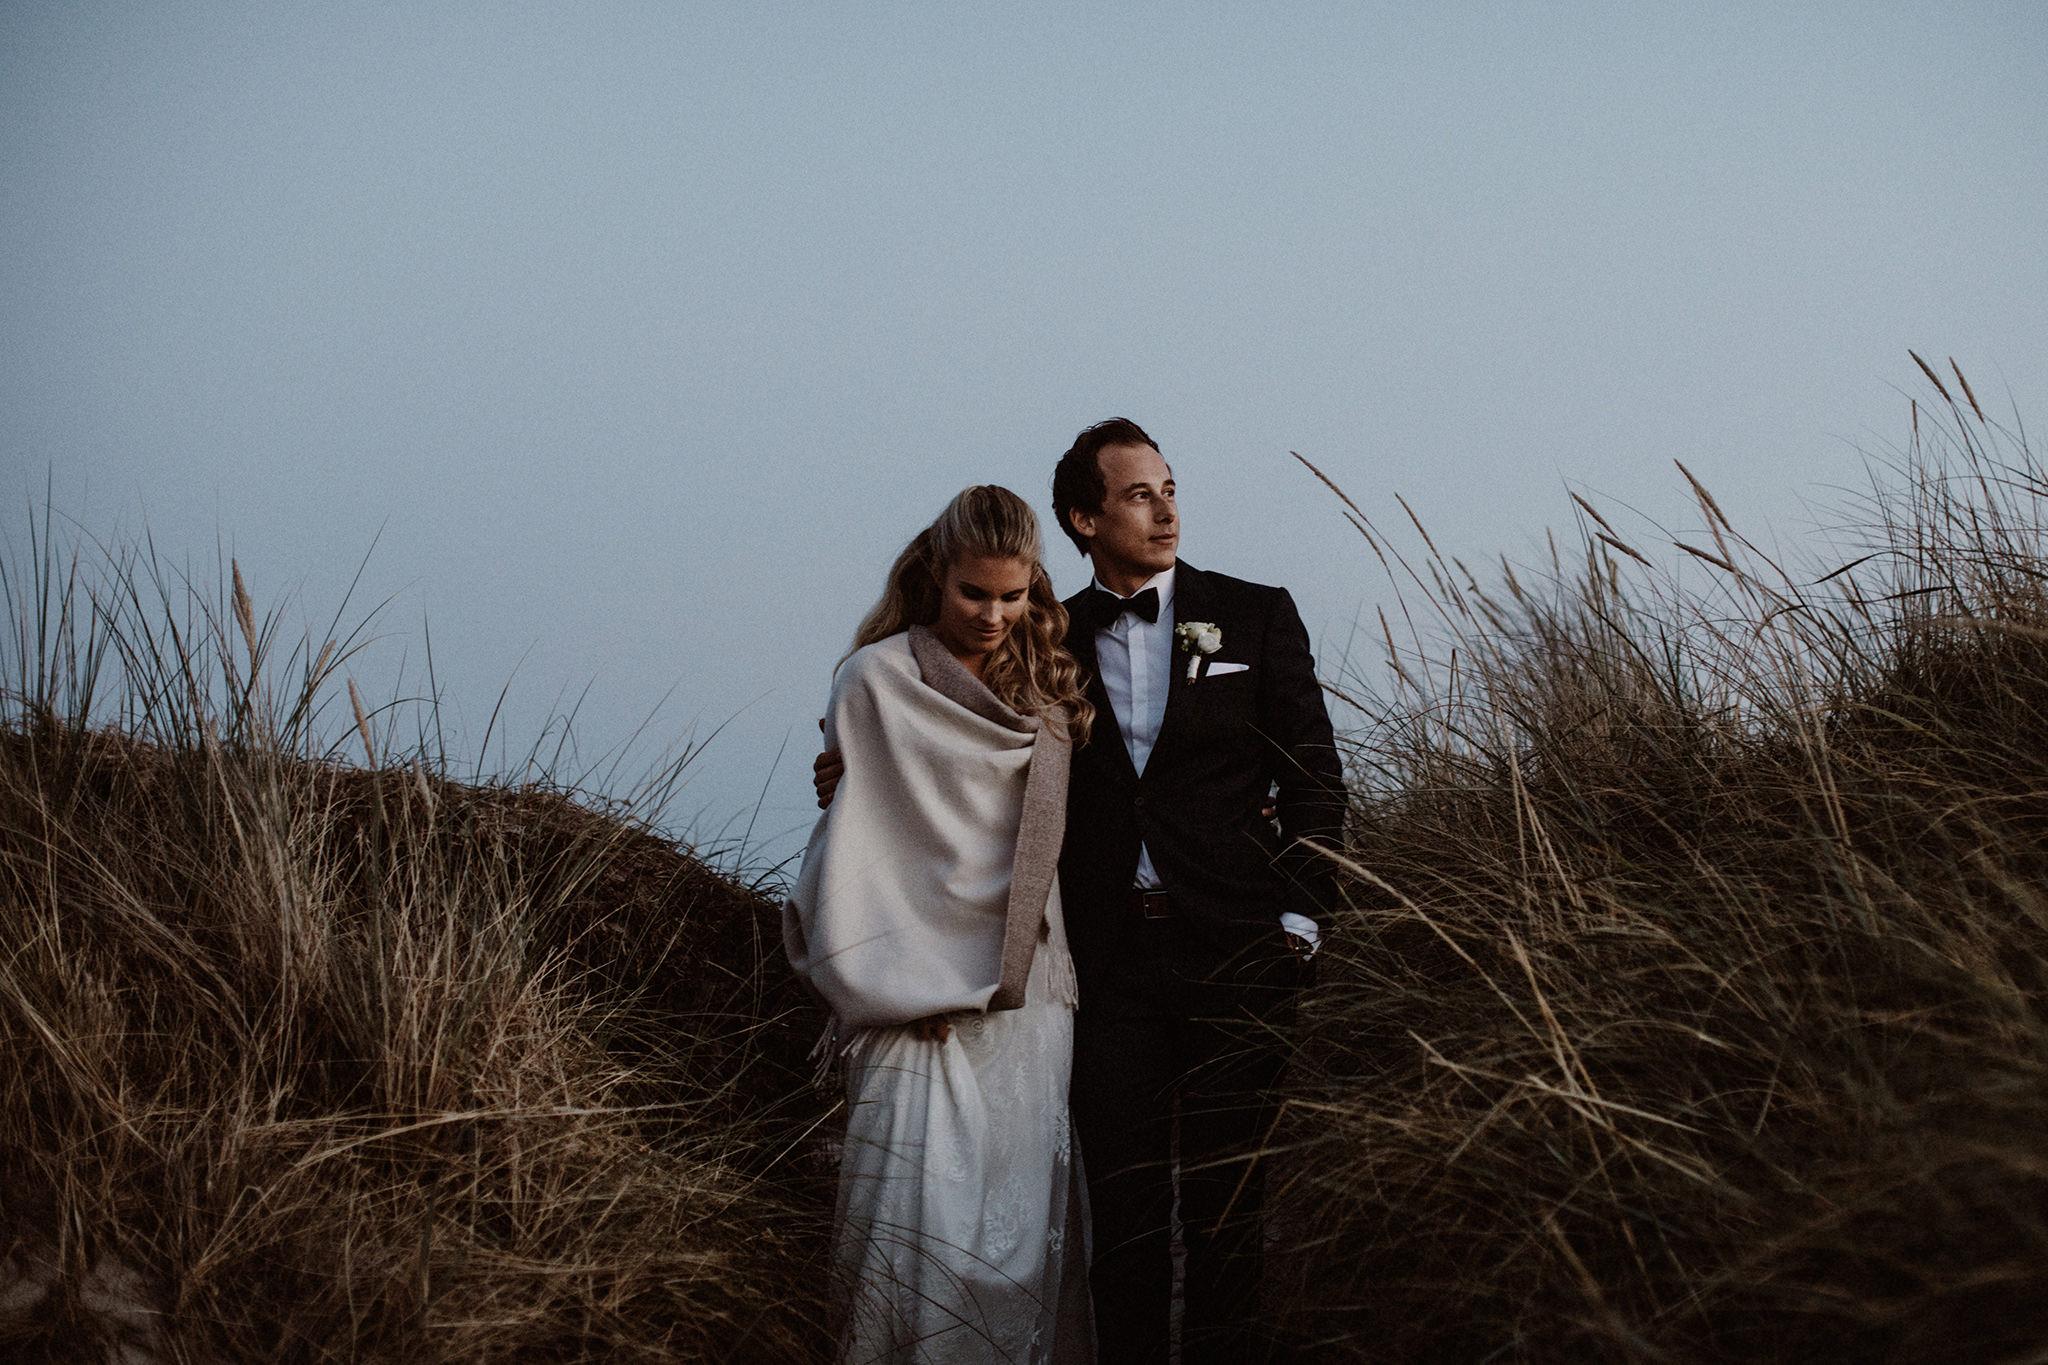 hochzeitsfotografie-kiel-norddeutschland-ostsee-afterwedding-51